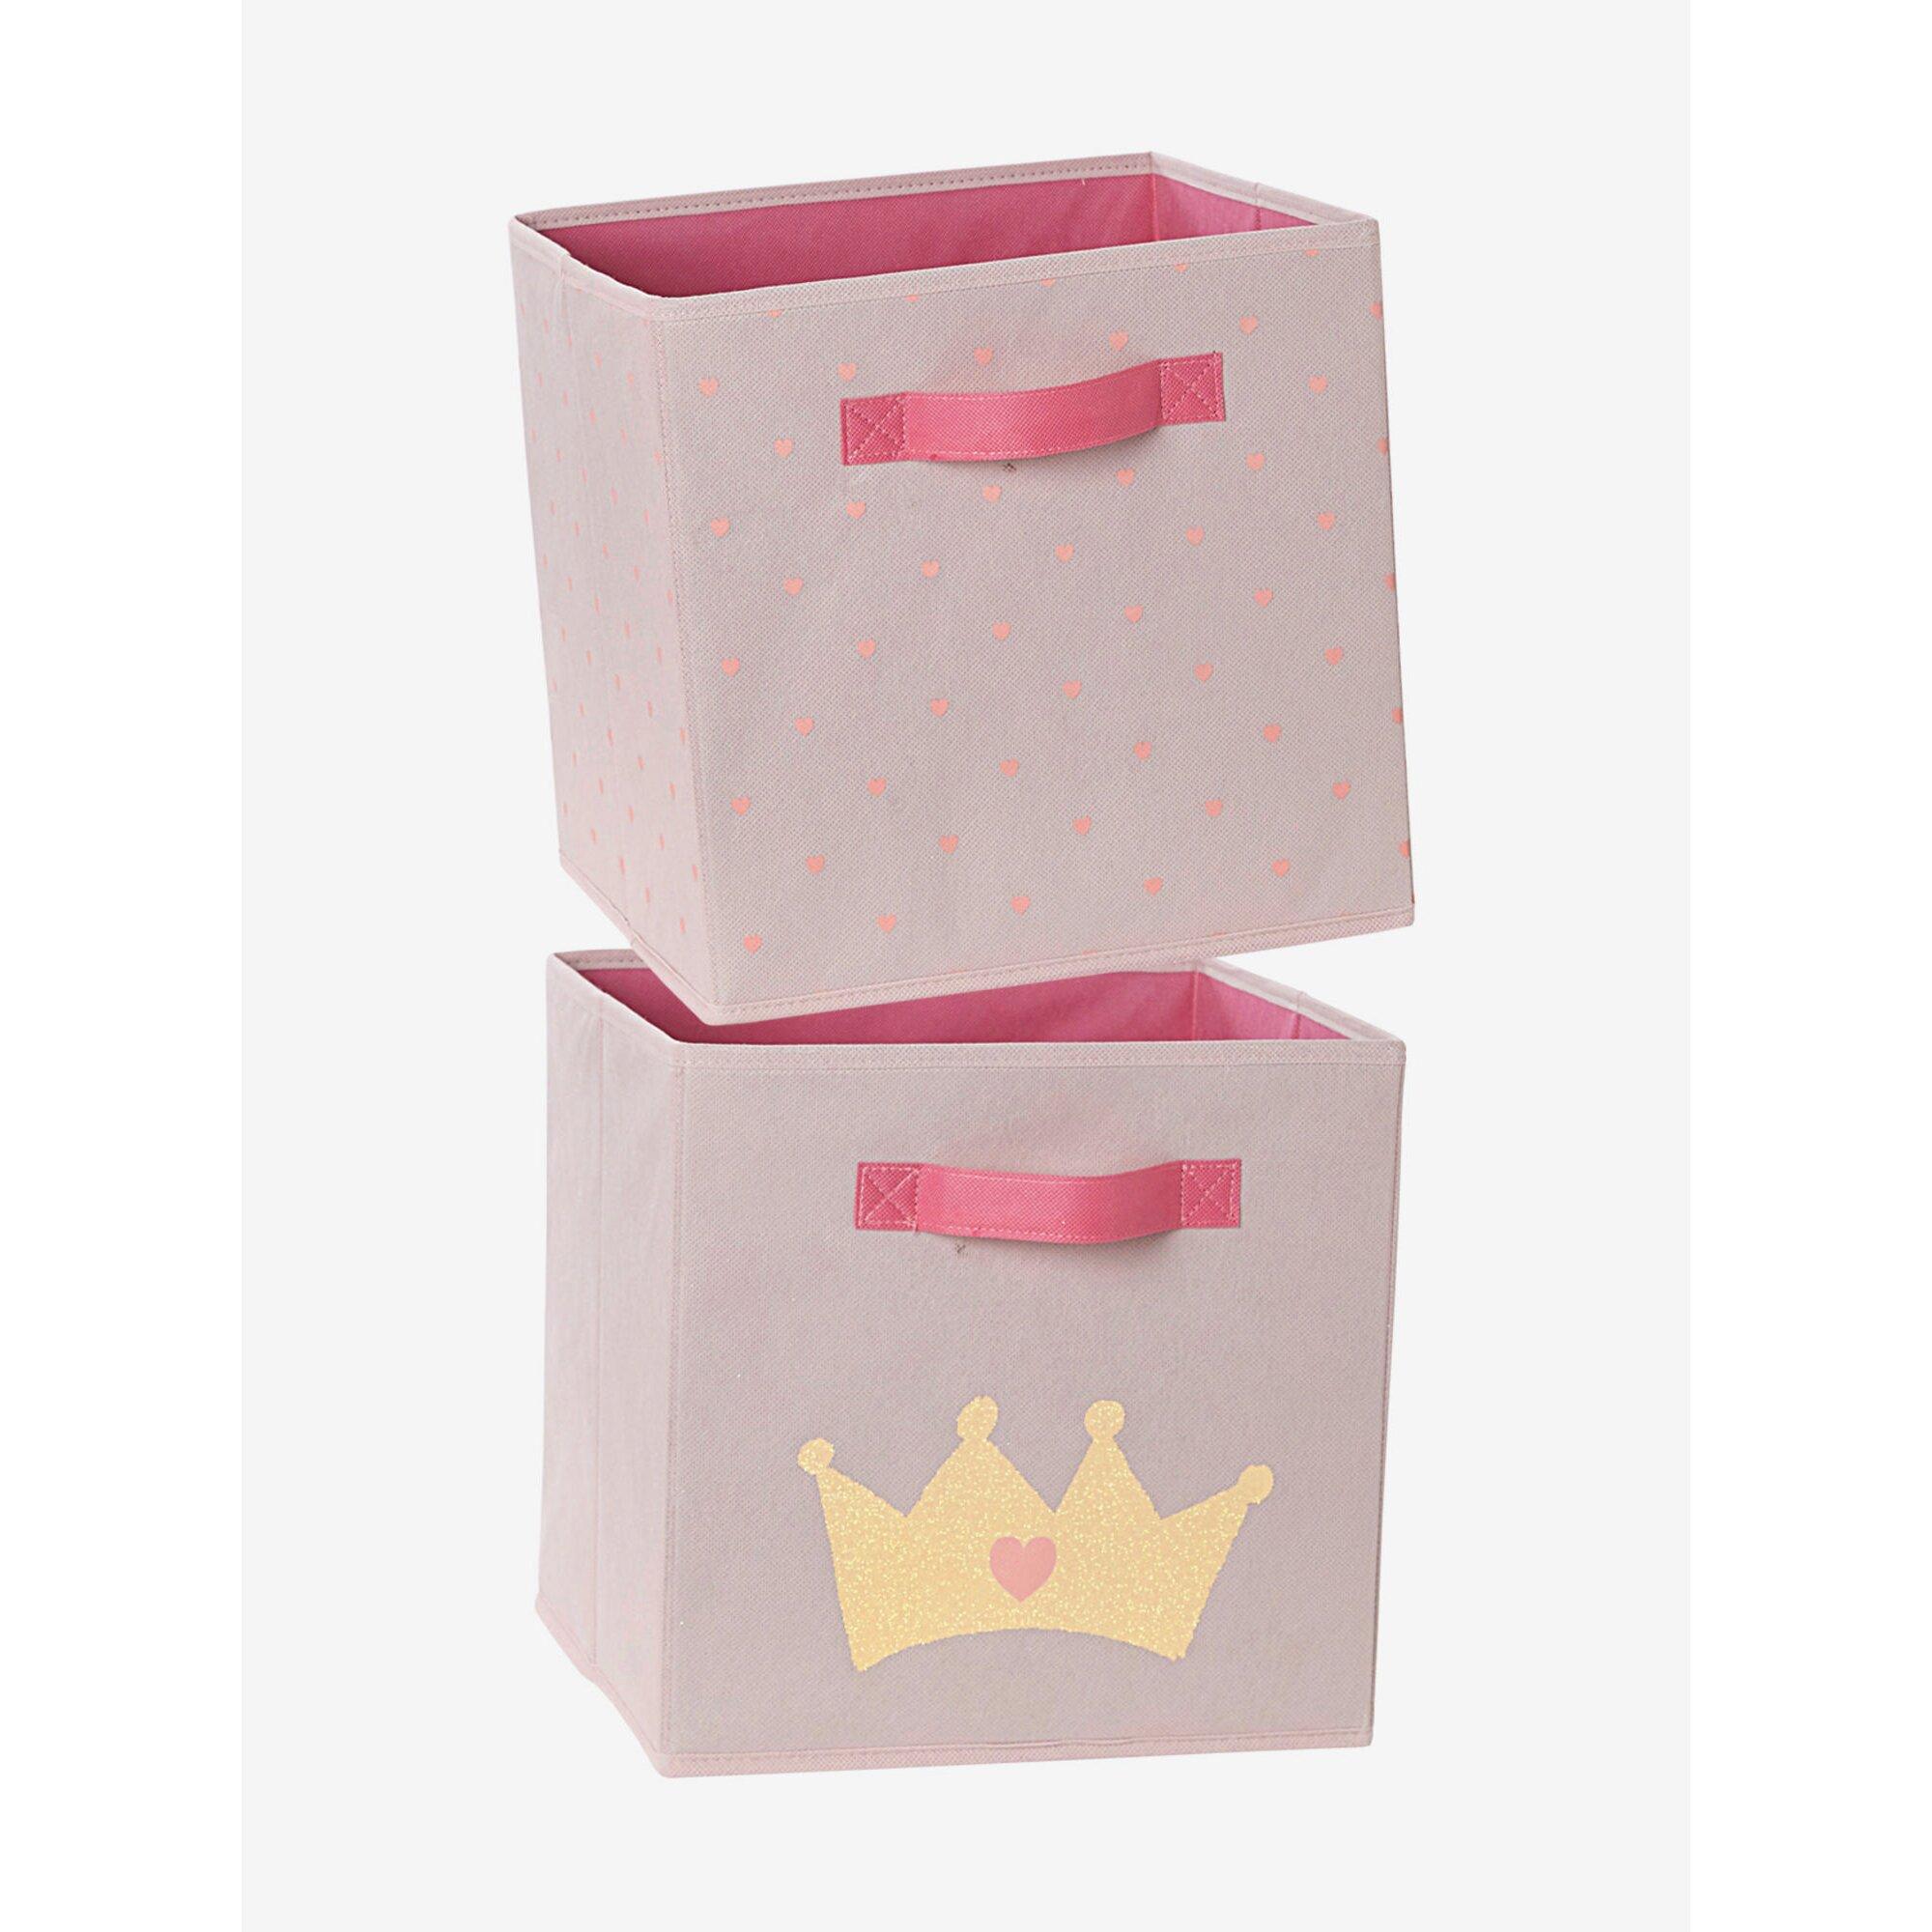 vertbaudet-2er-pack-spielzeugboxen-stoff, 15.99 EUR @ babywalz-de